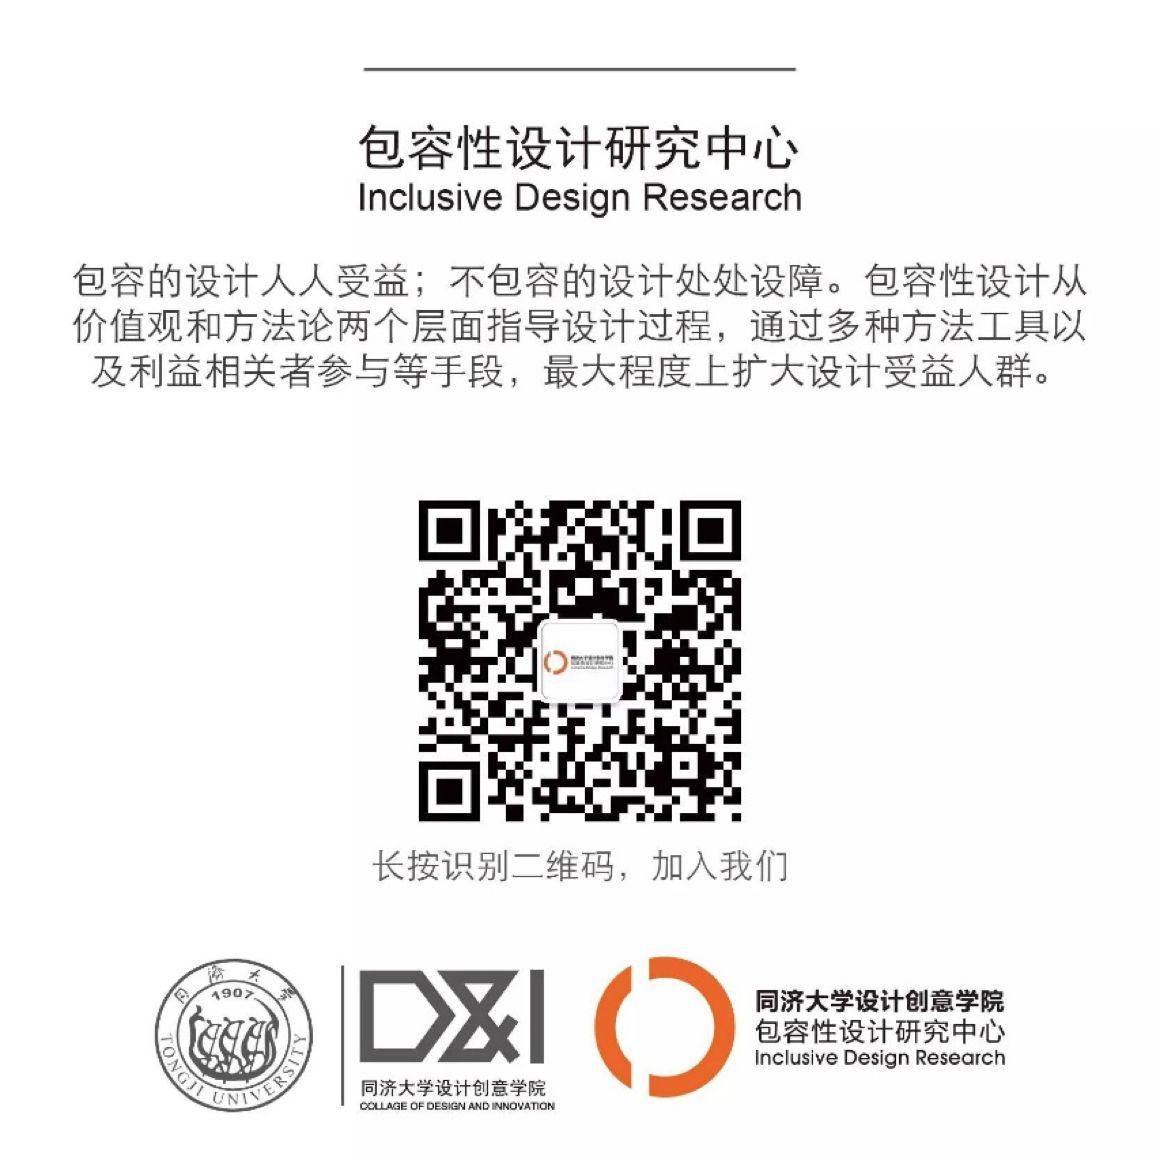 包容性设计研究中心二维码